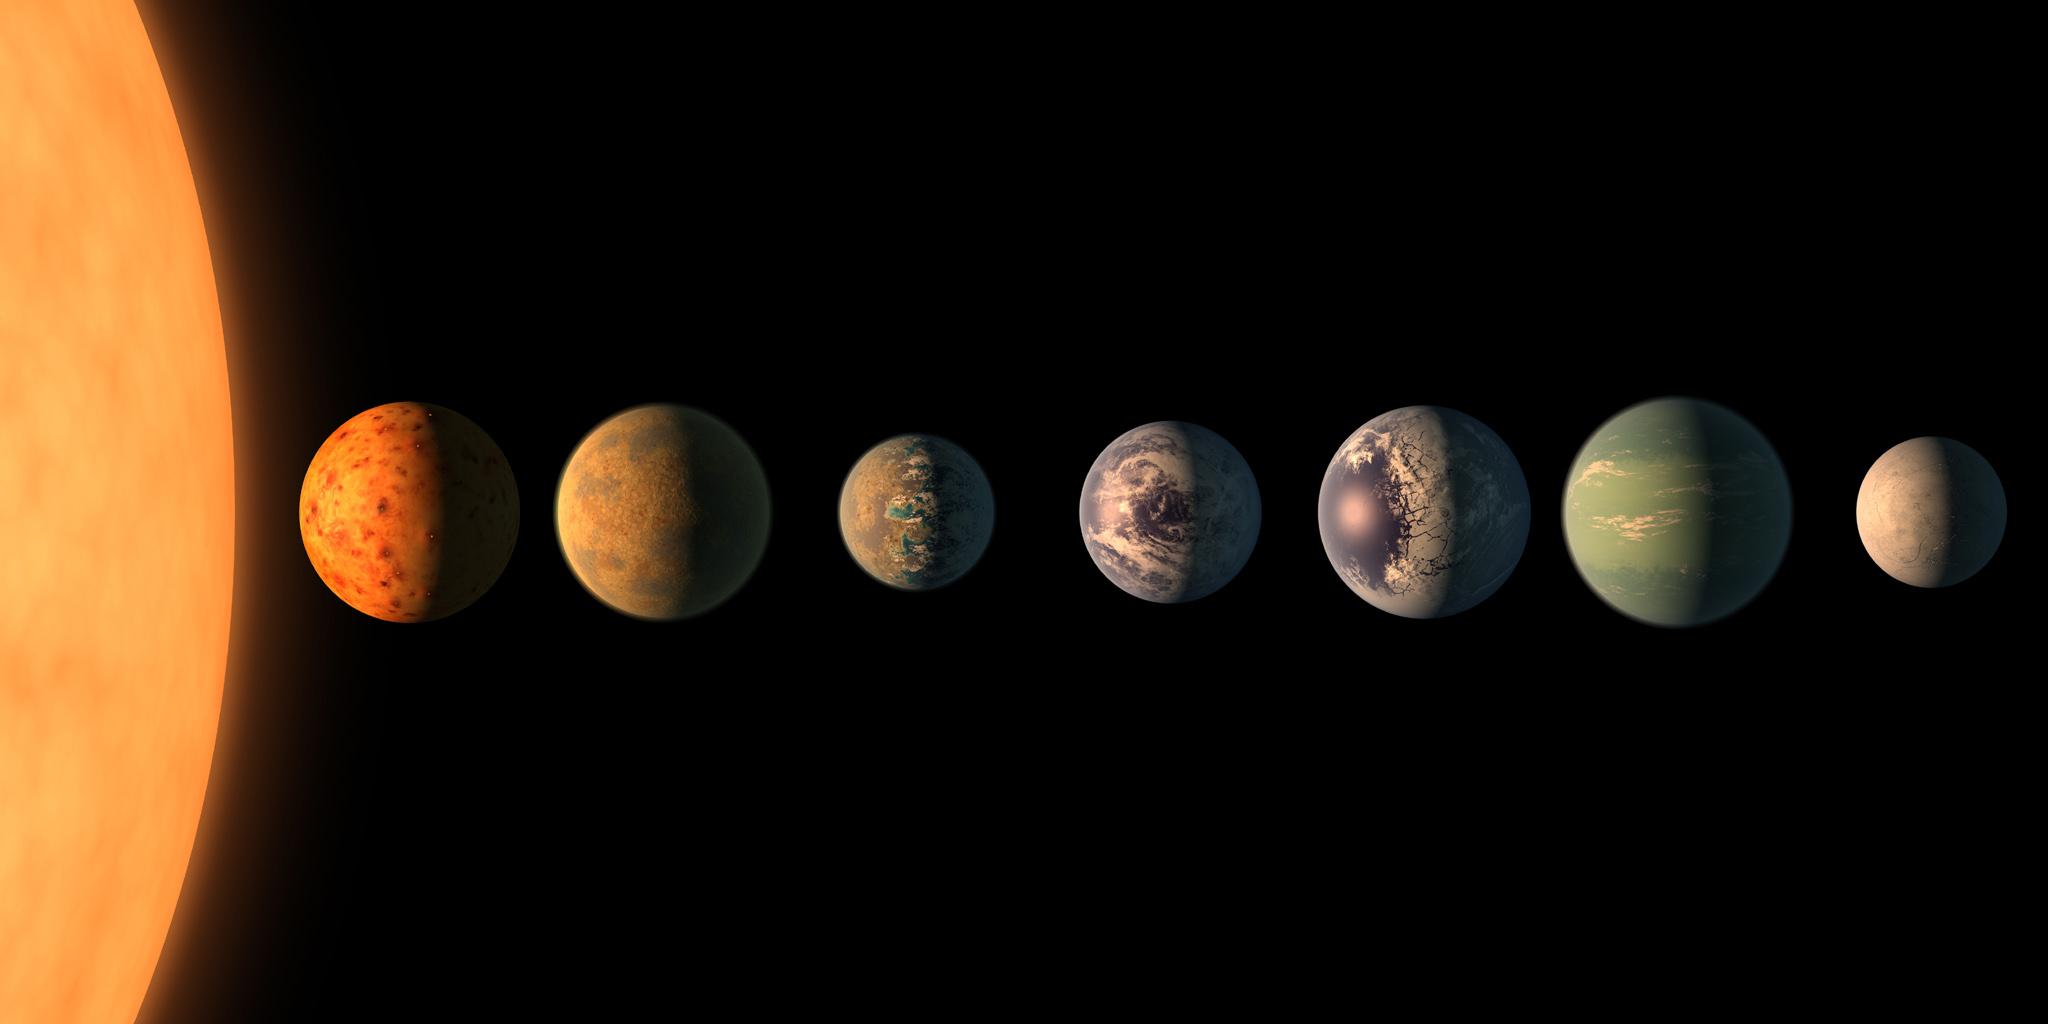 planeta1.jpg (2.79 Kb)